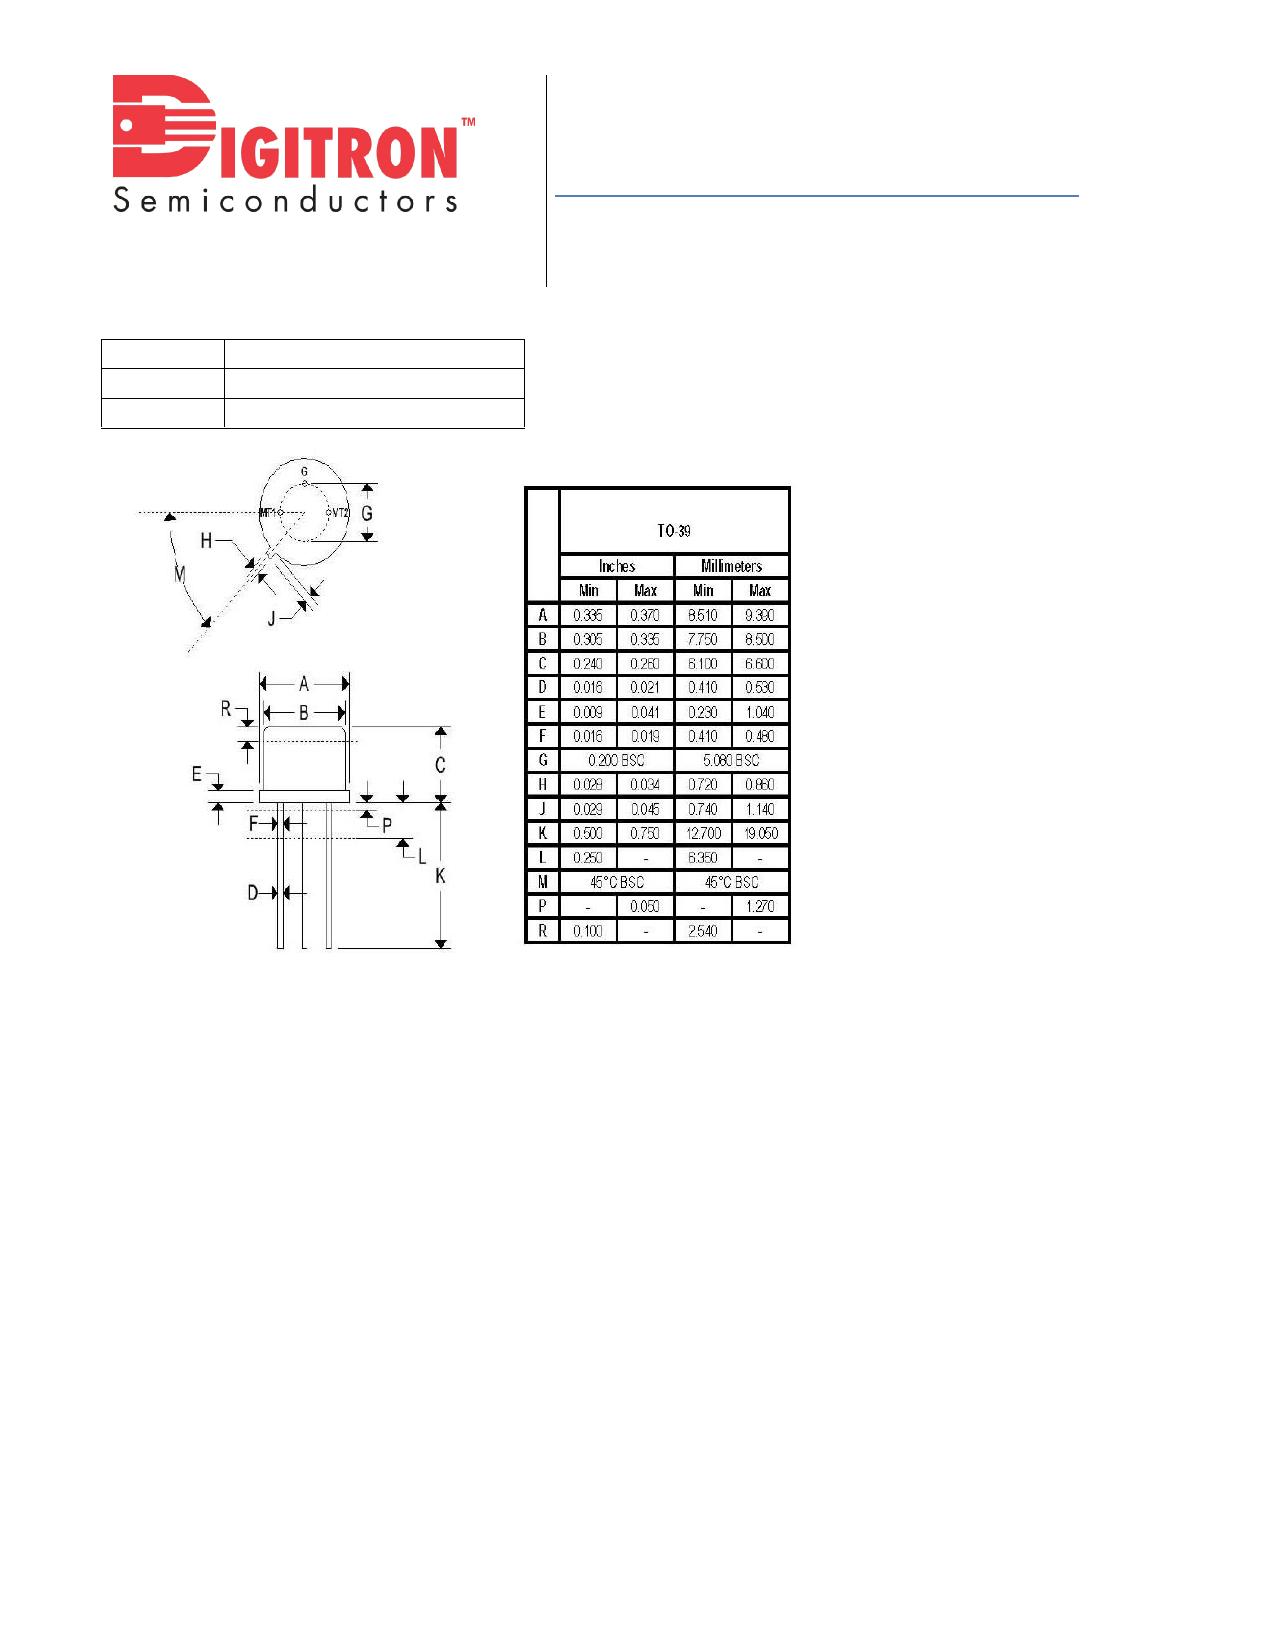 2N1597 pdf, schematic